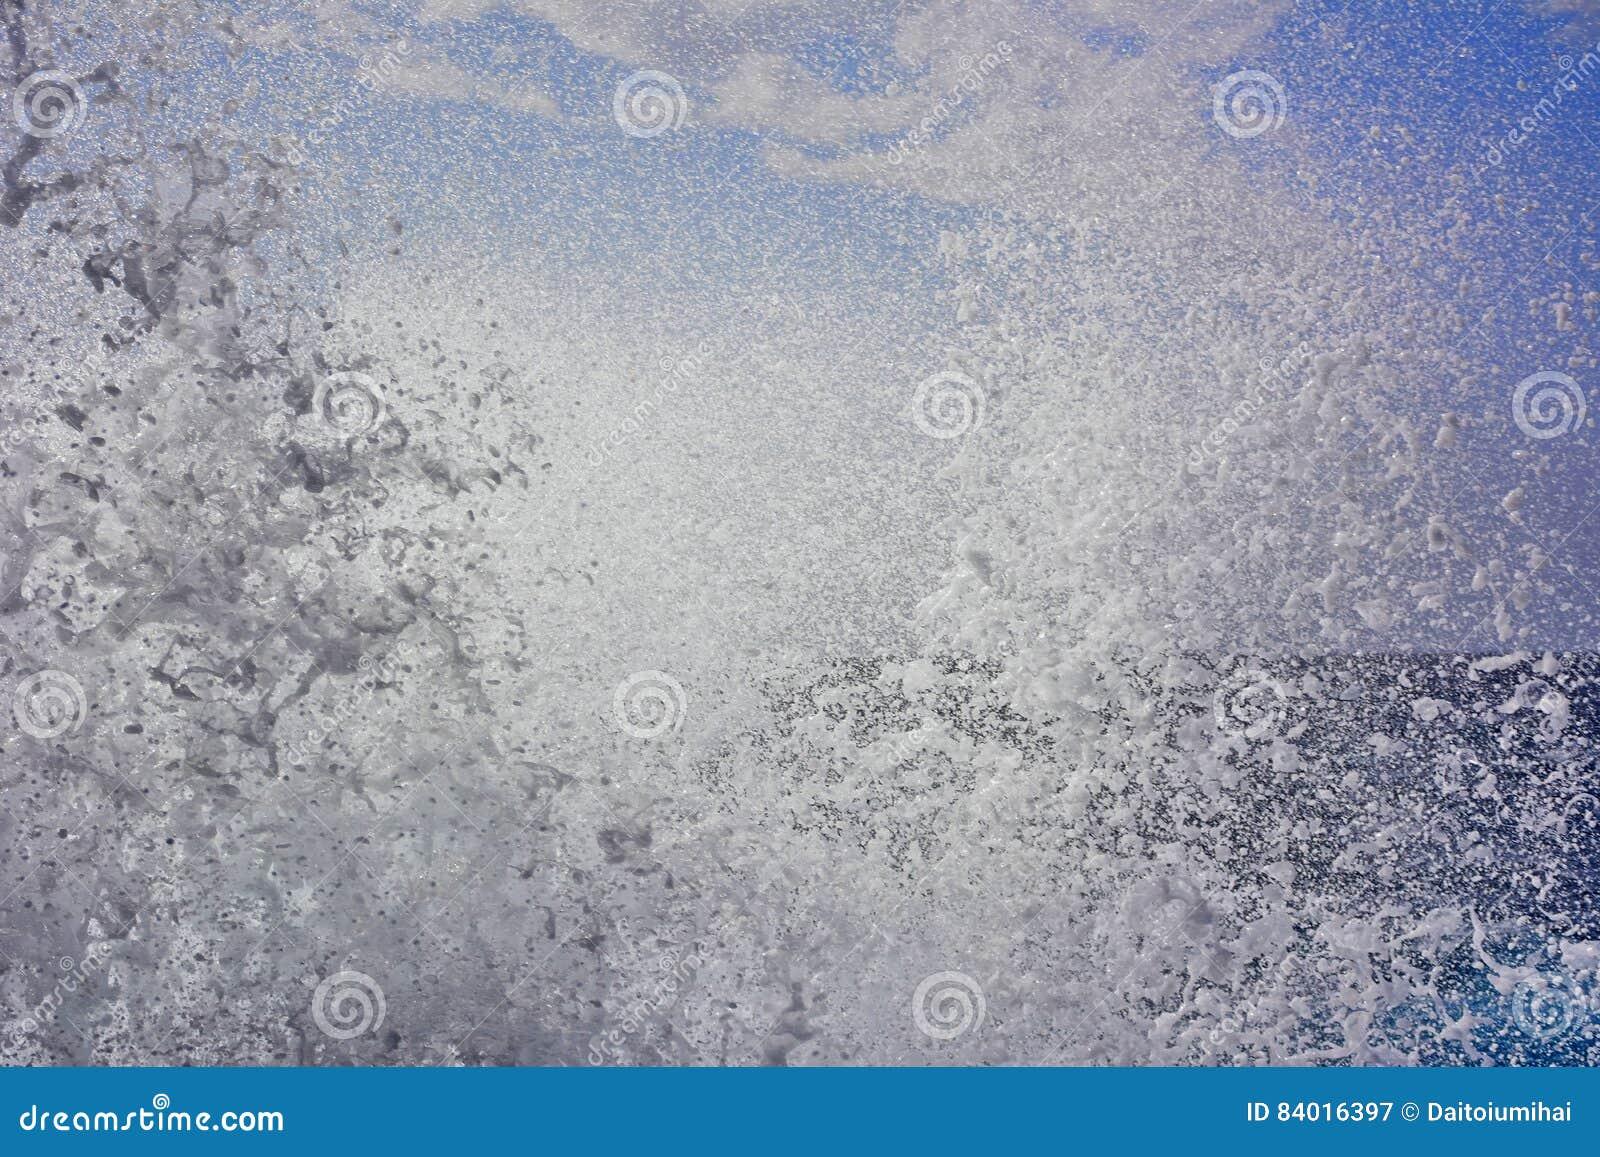 Witte oceaangolf